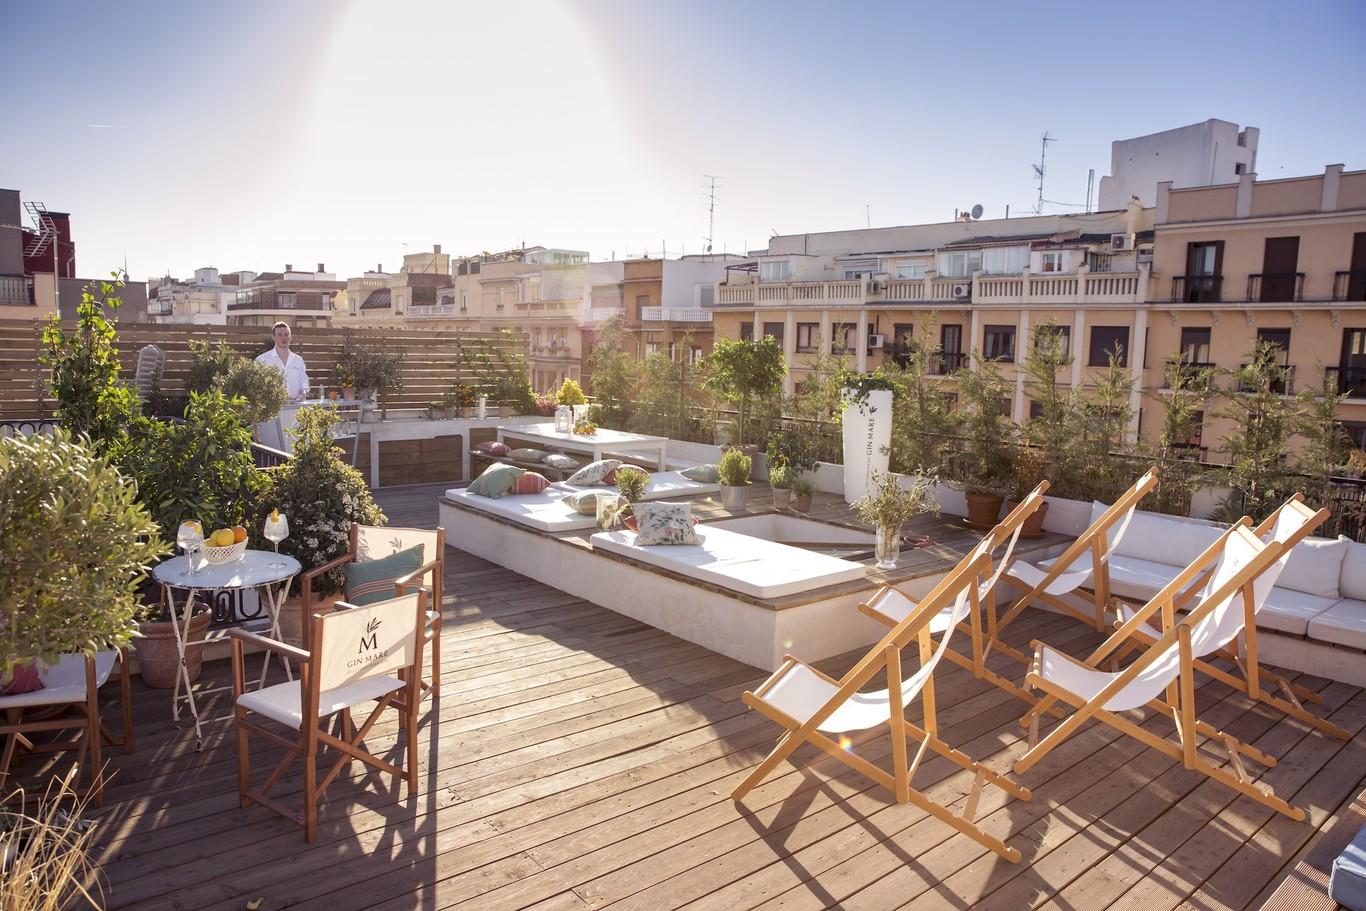 Portal de dise o y decoraci n med rooftops las terrazas for Terrazas urbanas diseno